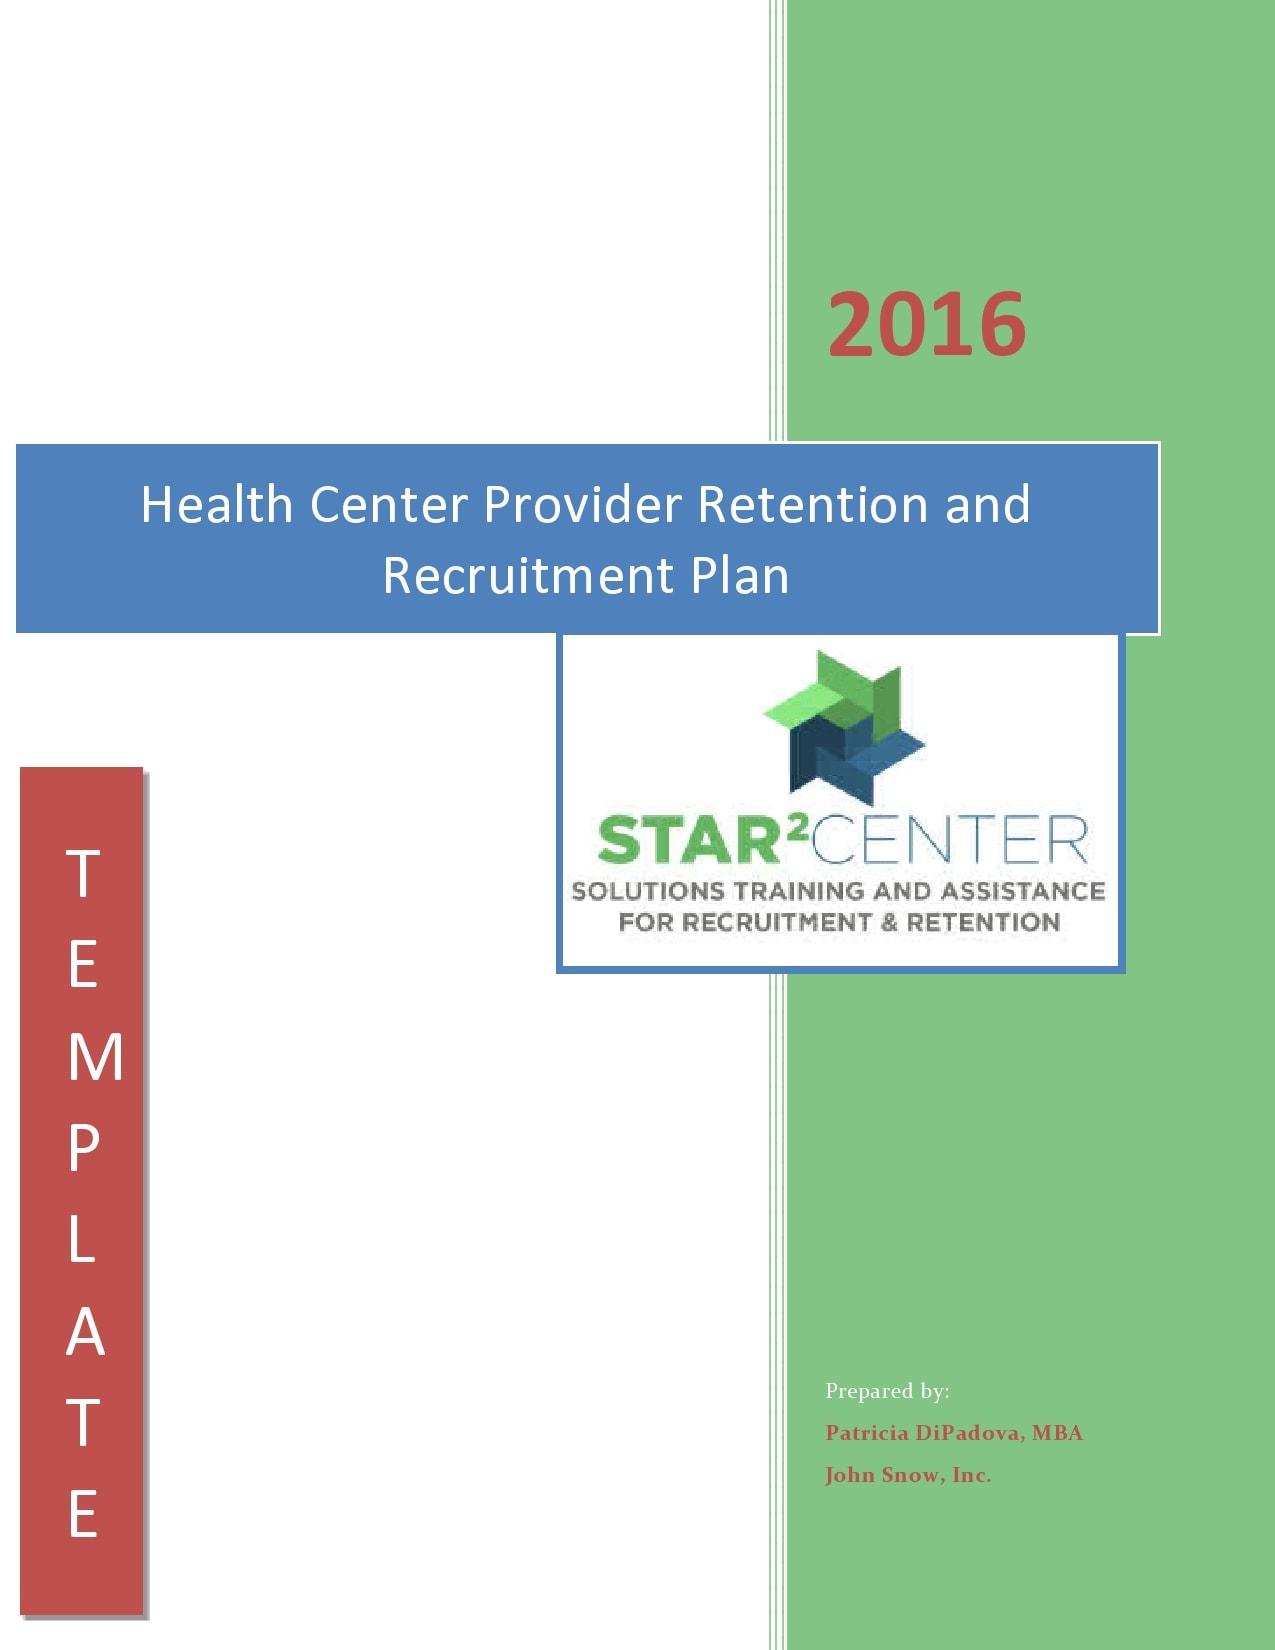 recruitment plan template 16